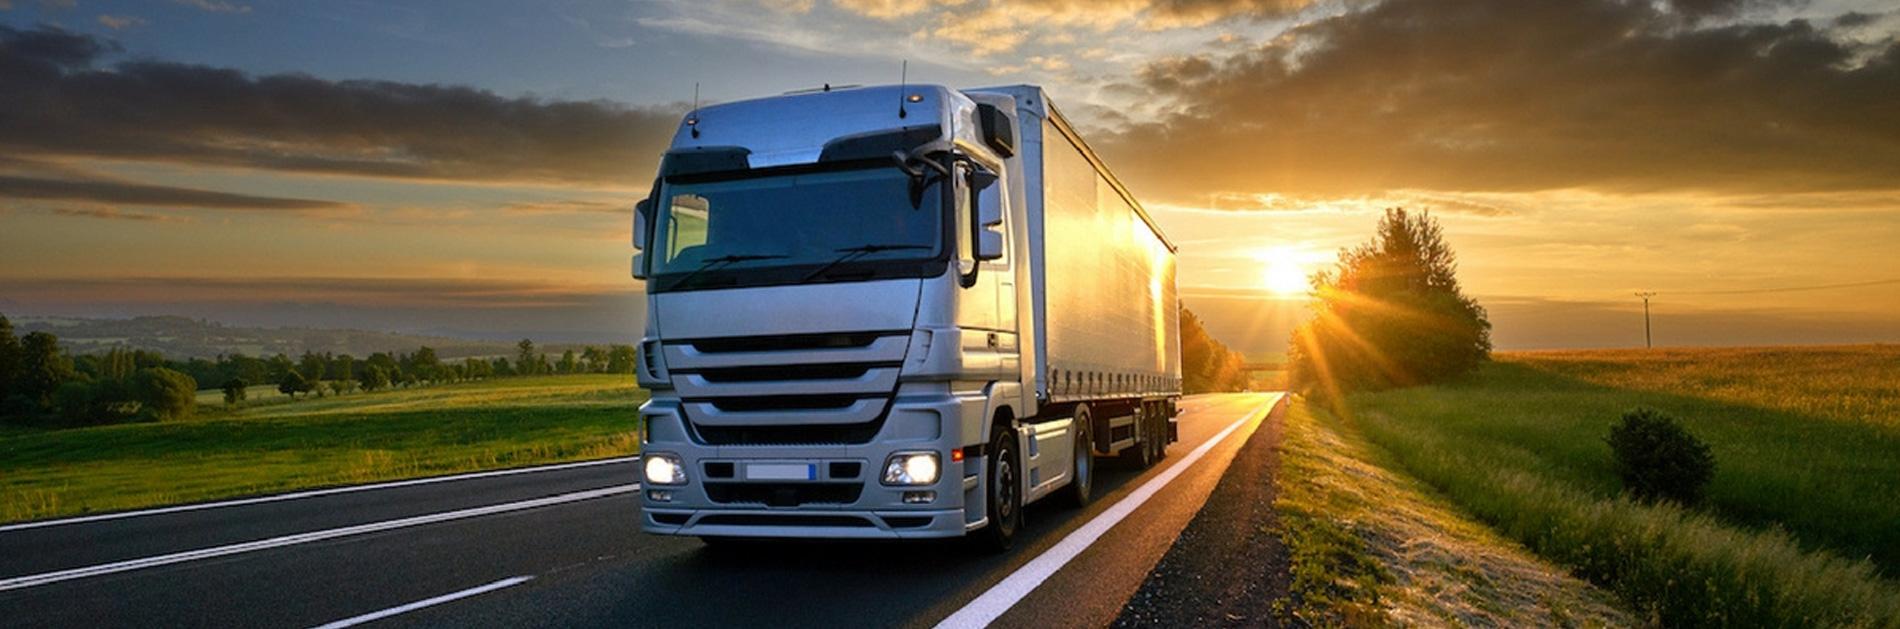 Rimborso accise carburante autotrasporti